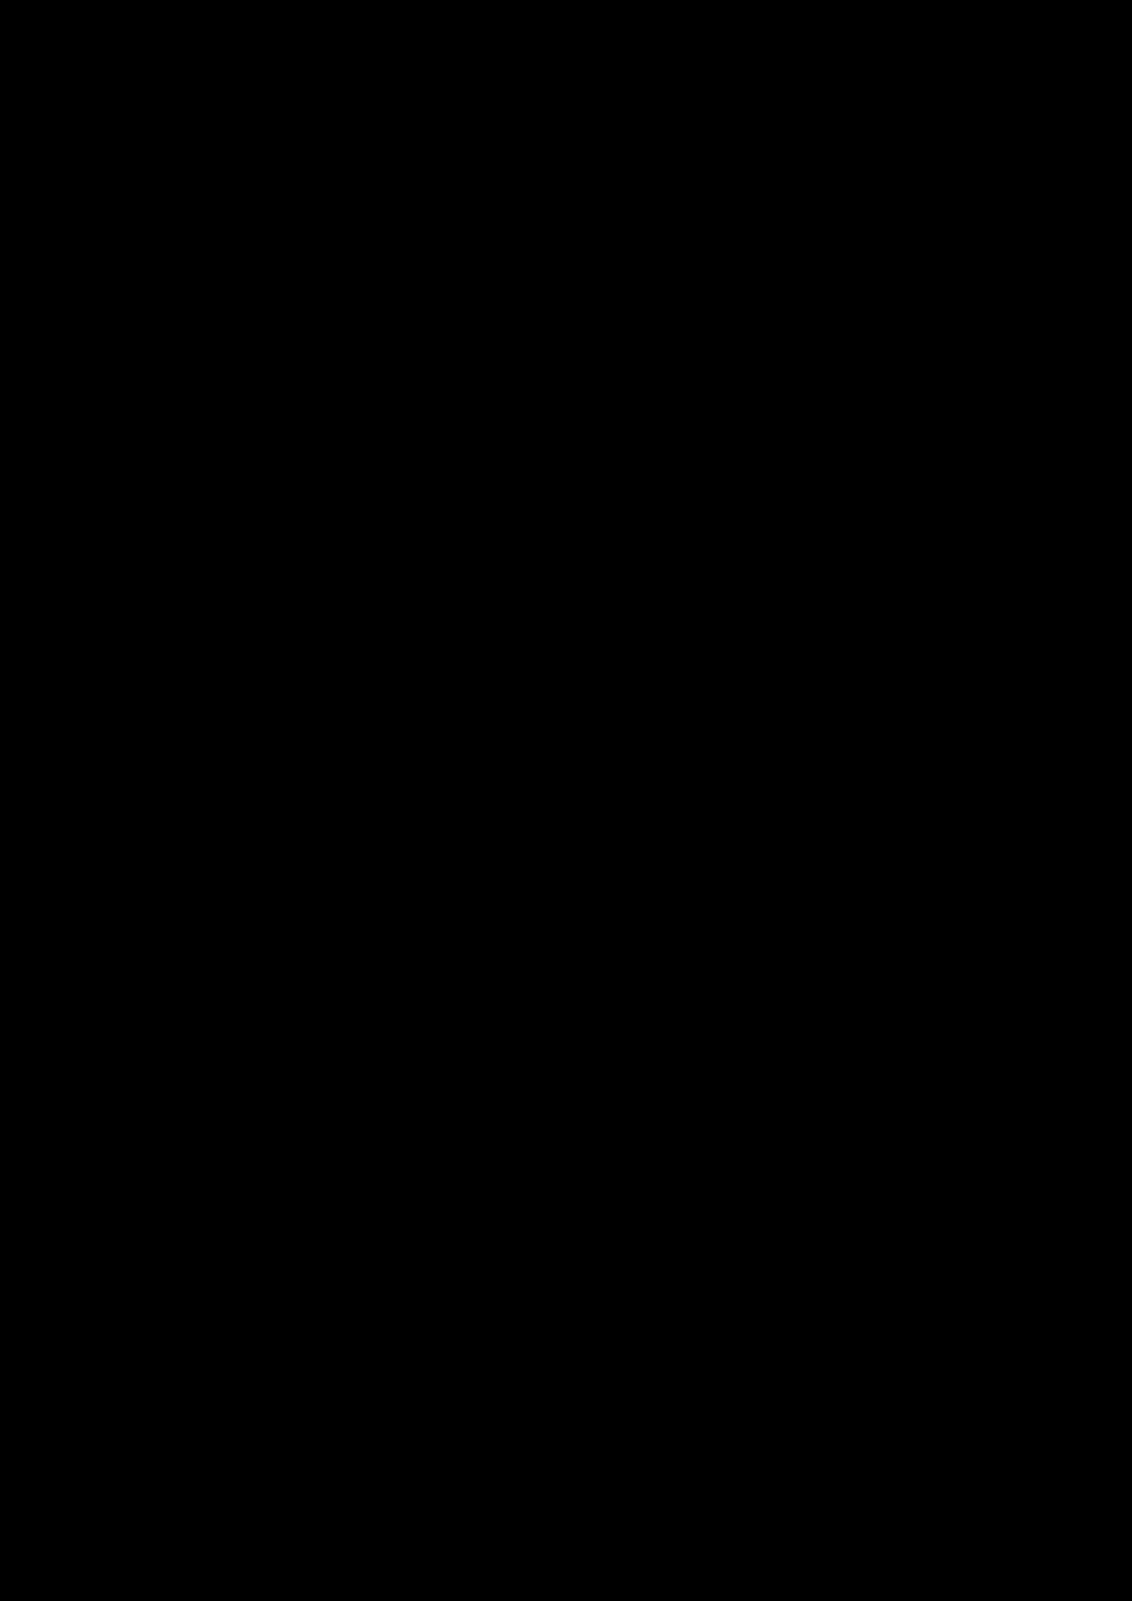 Prolog slide, Image 2